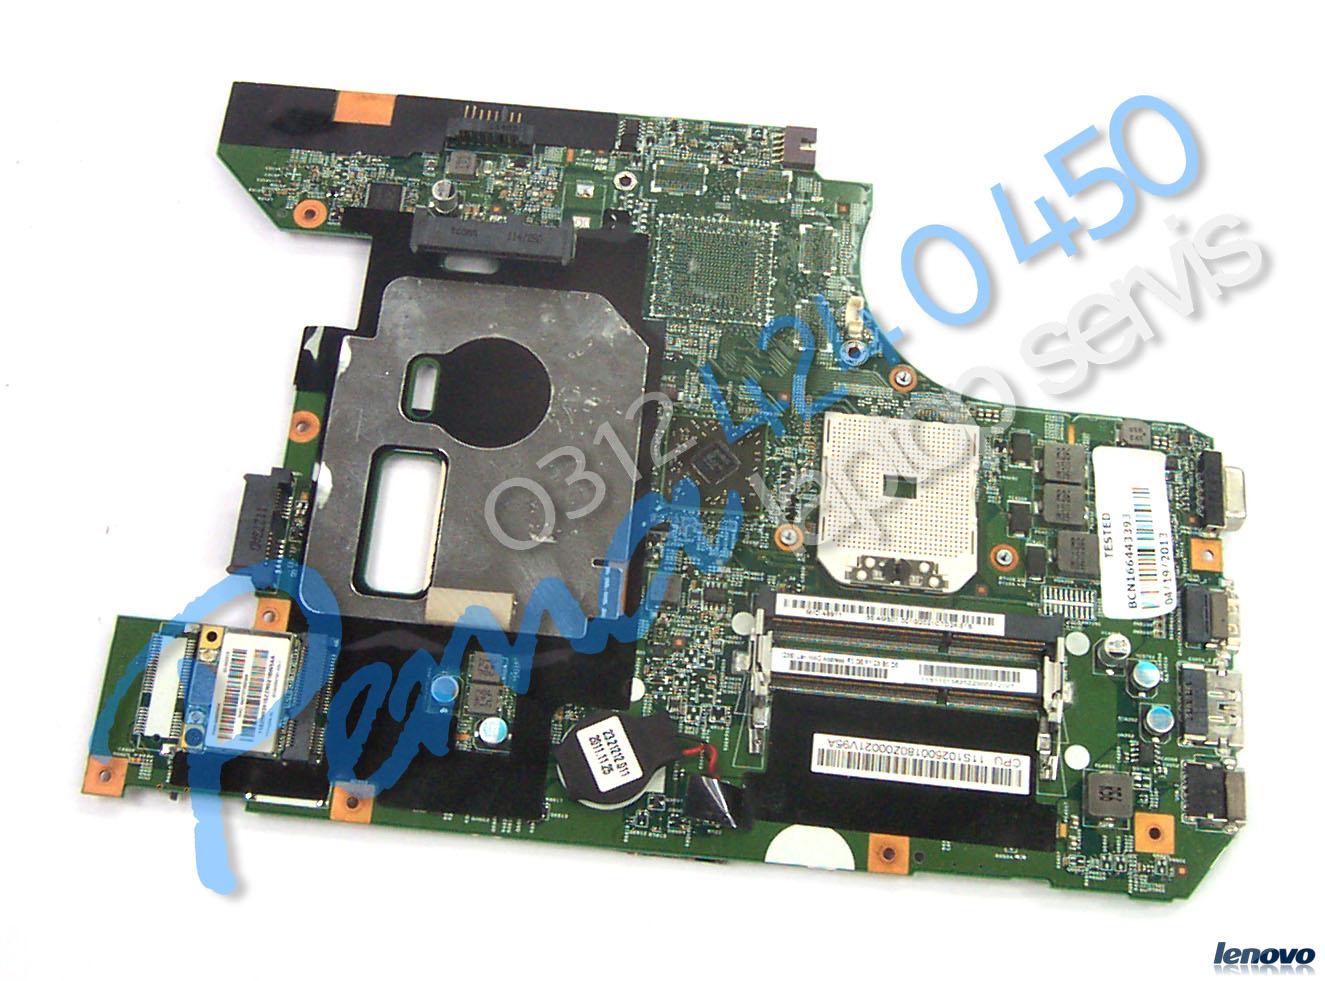 Lenovo IdeaPad Z575 nakart